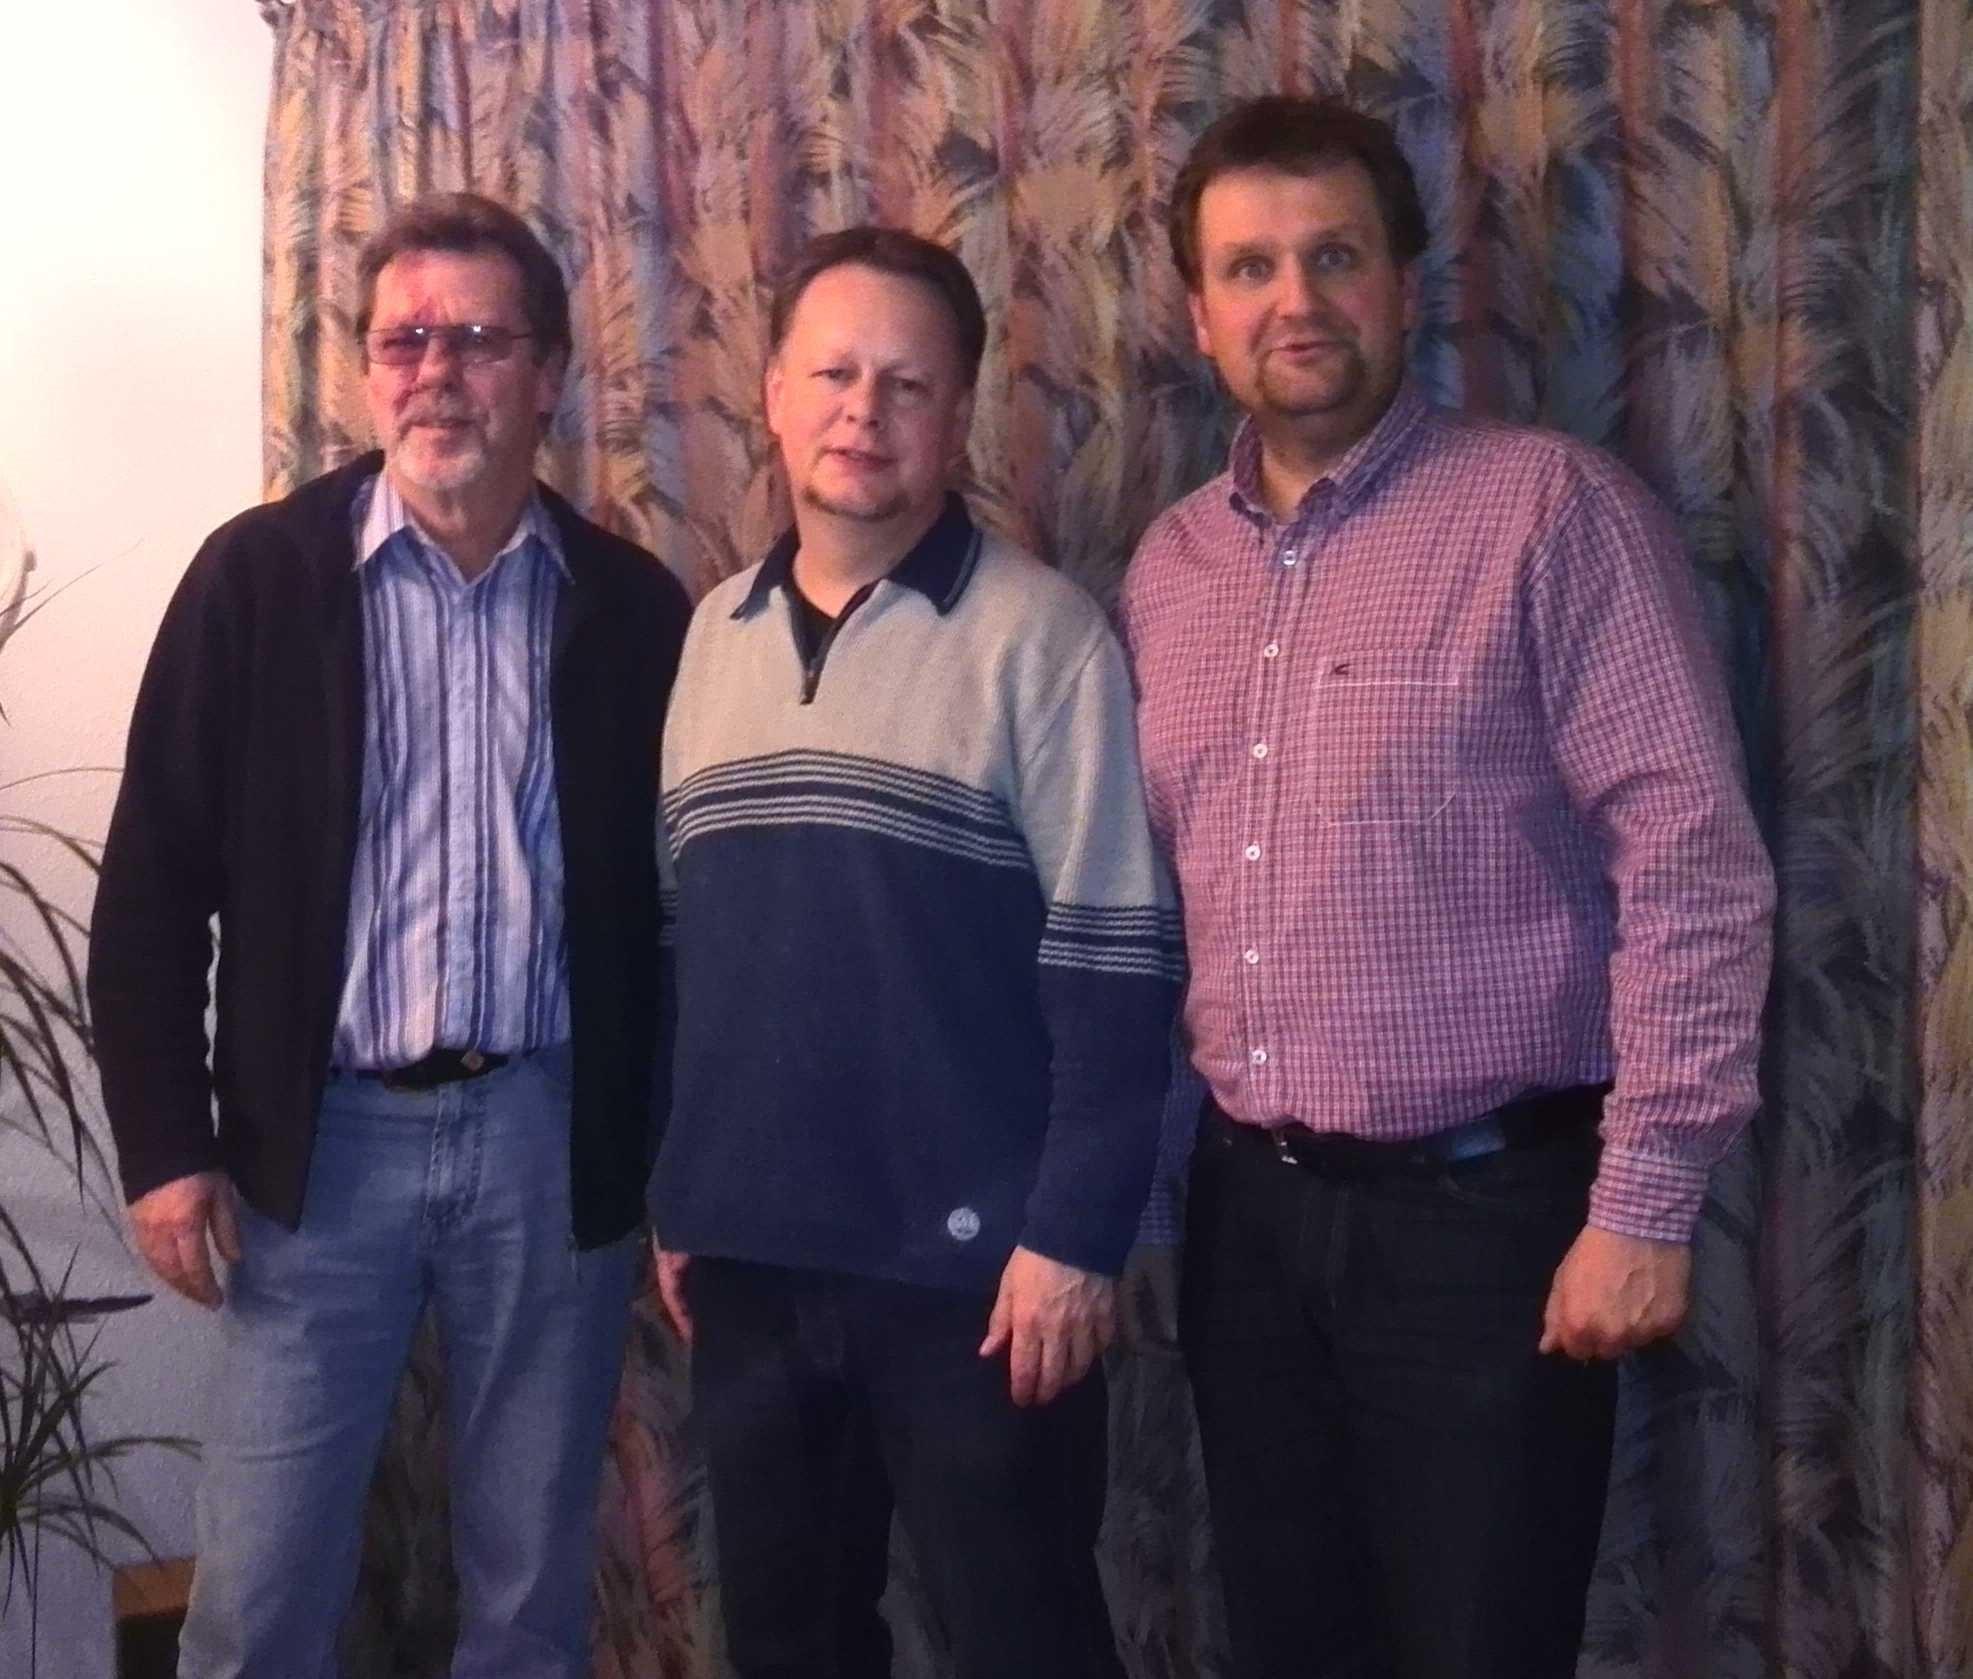 Von links: Walter Mohrmann (stellv. Vorsitzender), Jan von Gartzen (Vorsitzender), Heiko Scharnweber (Kassenwart)